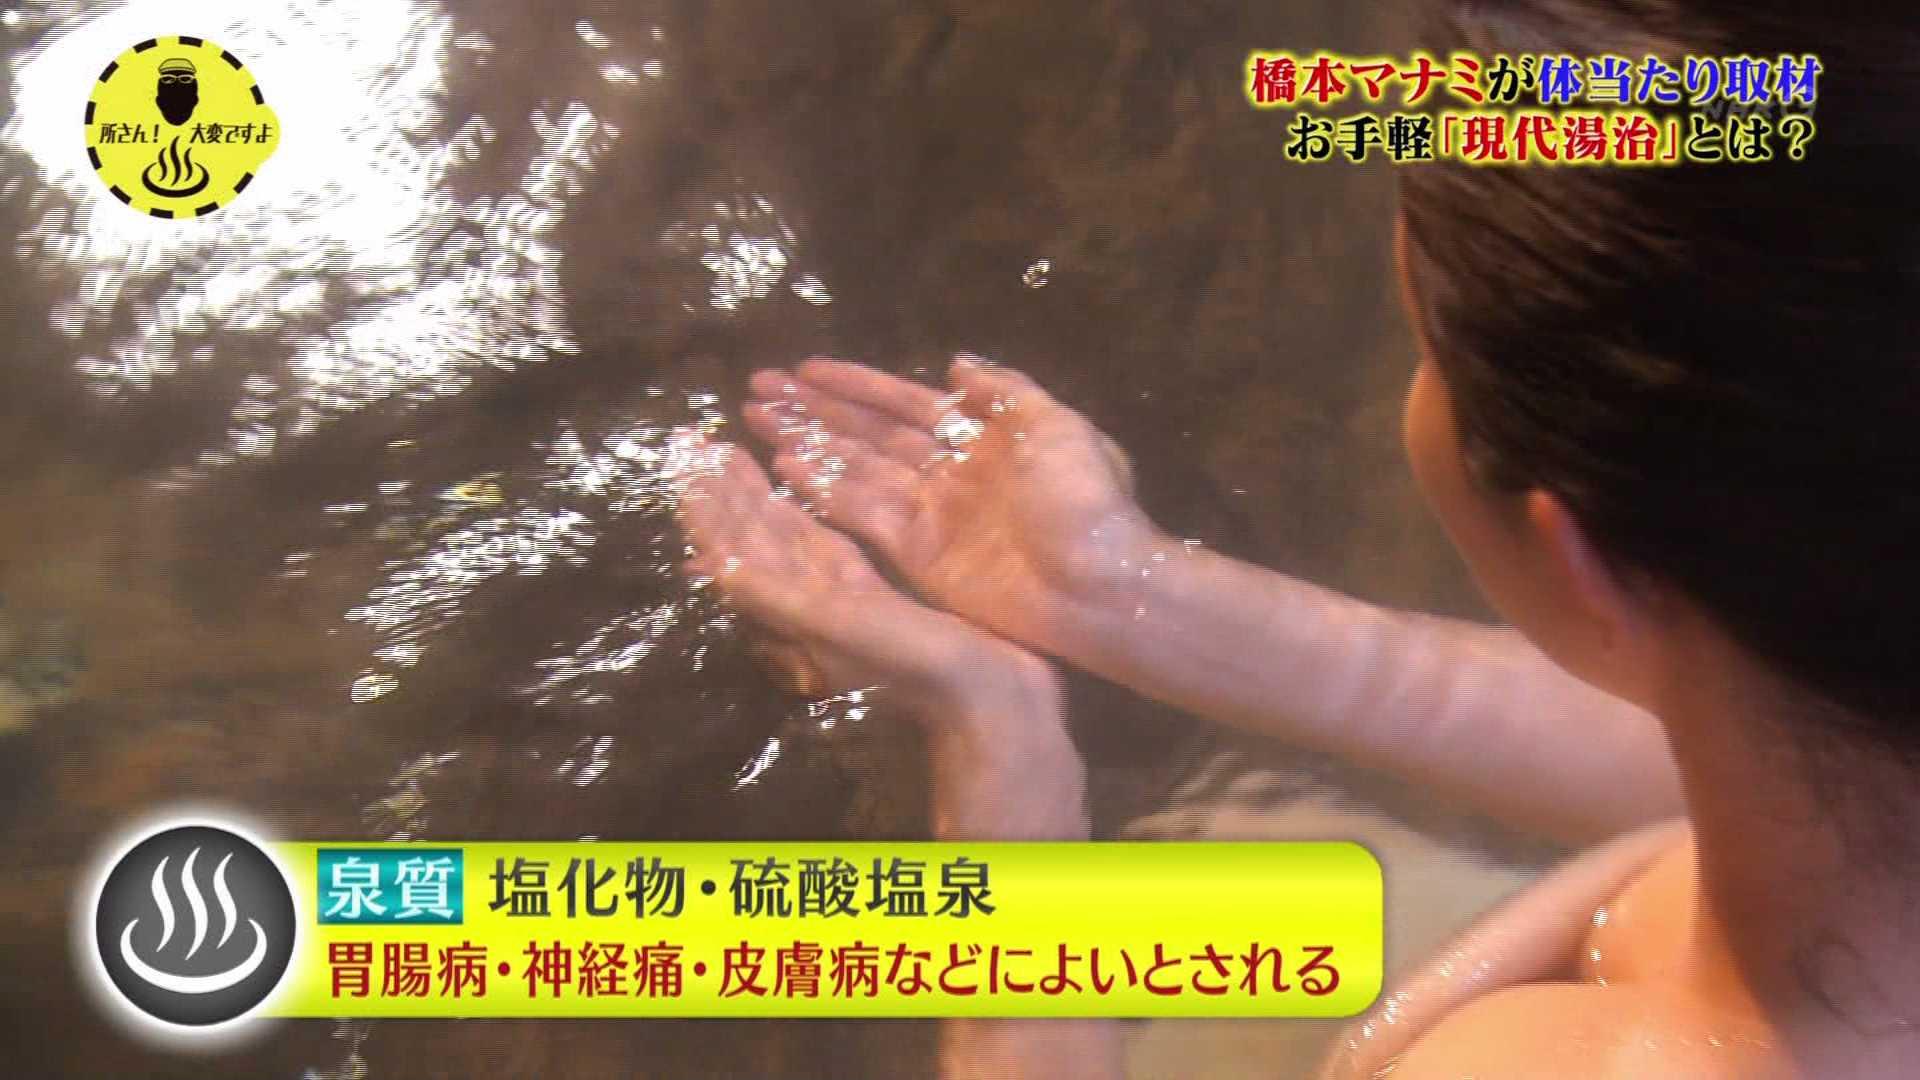 『所さん!大変ですよ』の入浴エロキャプ画像その13